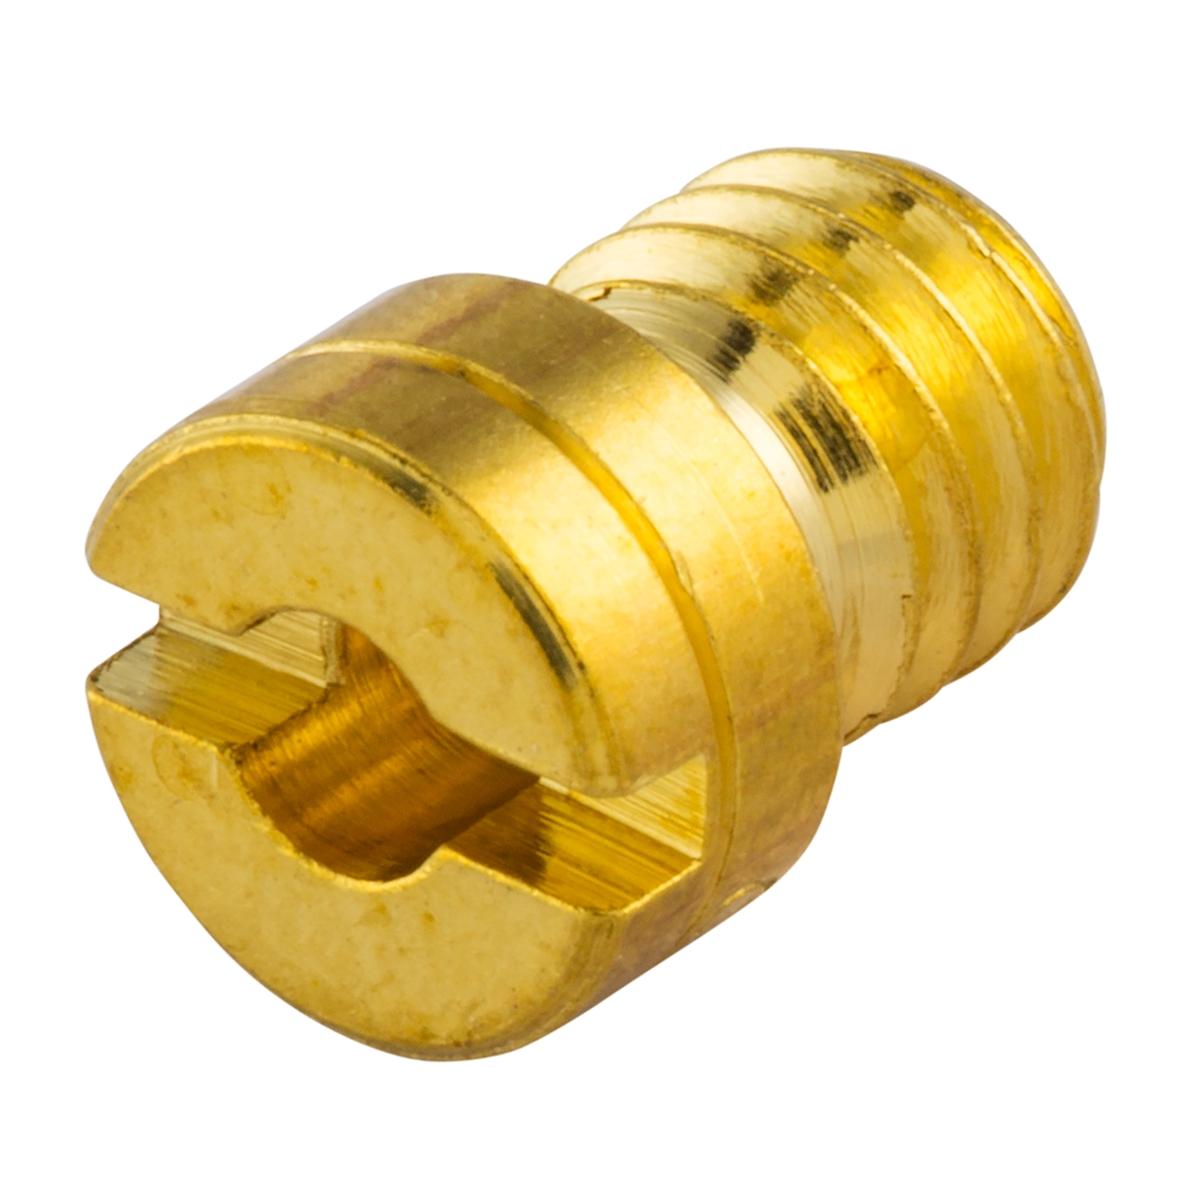 Produktbild für 'Hauptdüse 80 Ø 5 mm'